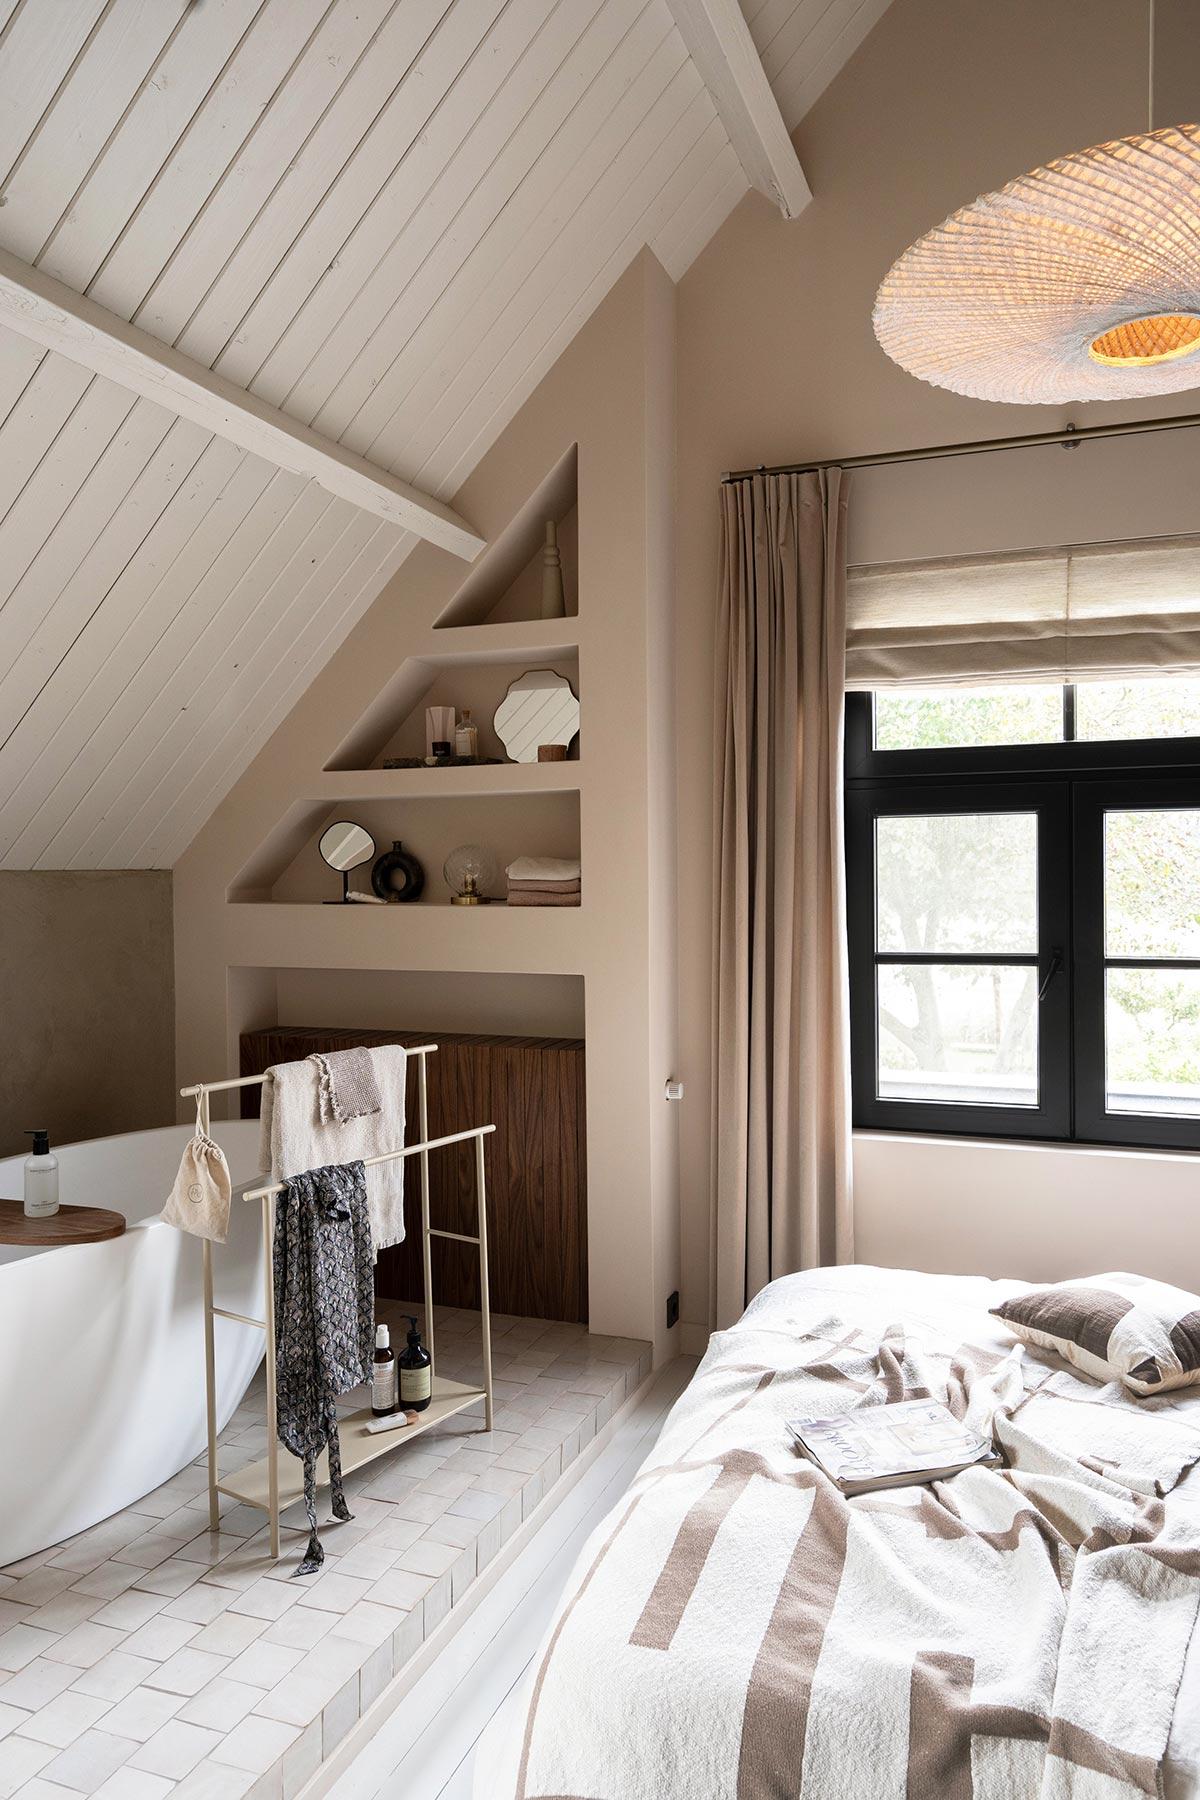 Badkamer Ferm Living handdoekhouder - Tanja van Hoogdalem